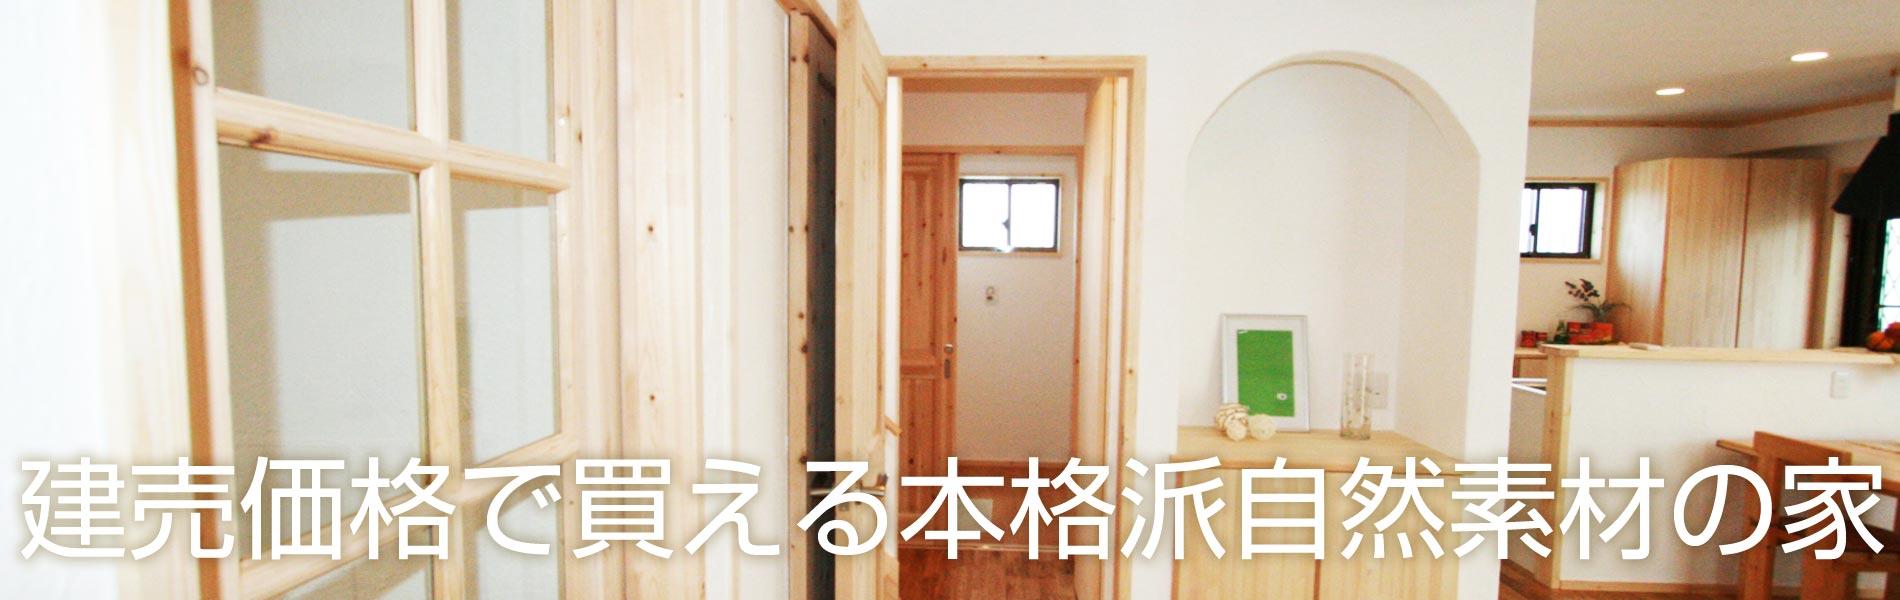 建売価格で買える本格派自然素材の家